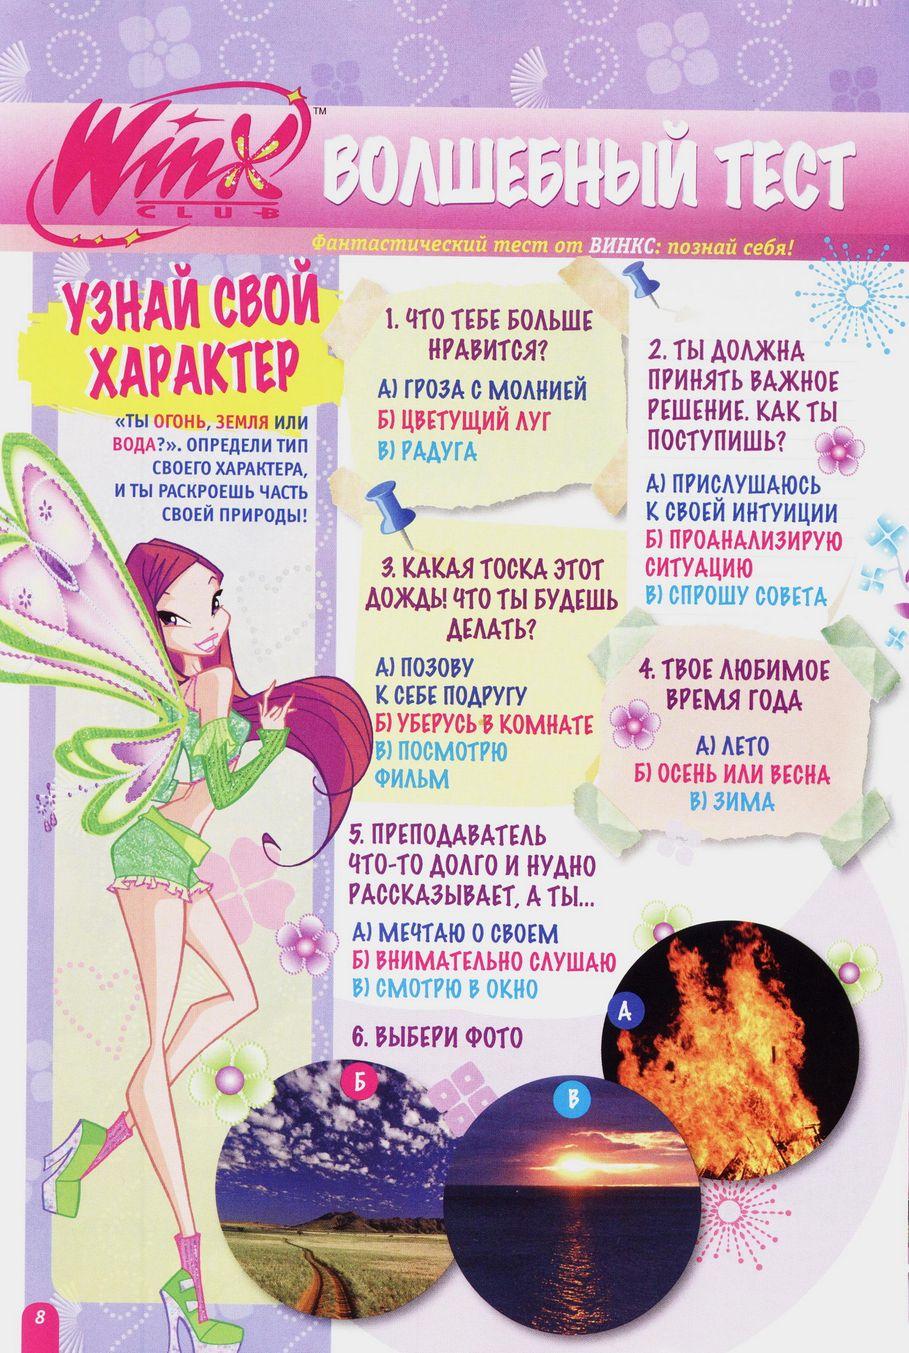 Комикс Винкс Winx - Любовь и долг (Журнал Винкс №2 2011) - стр. 8